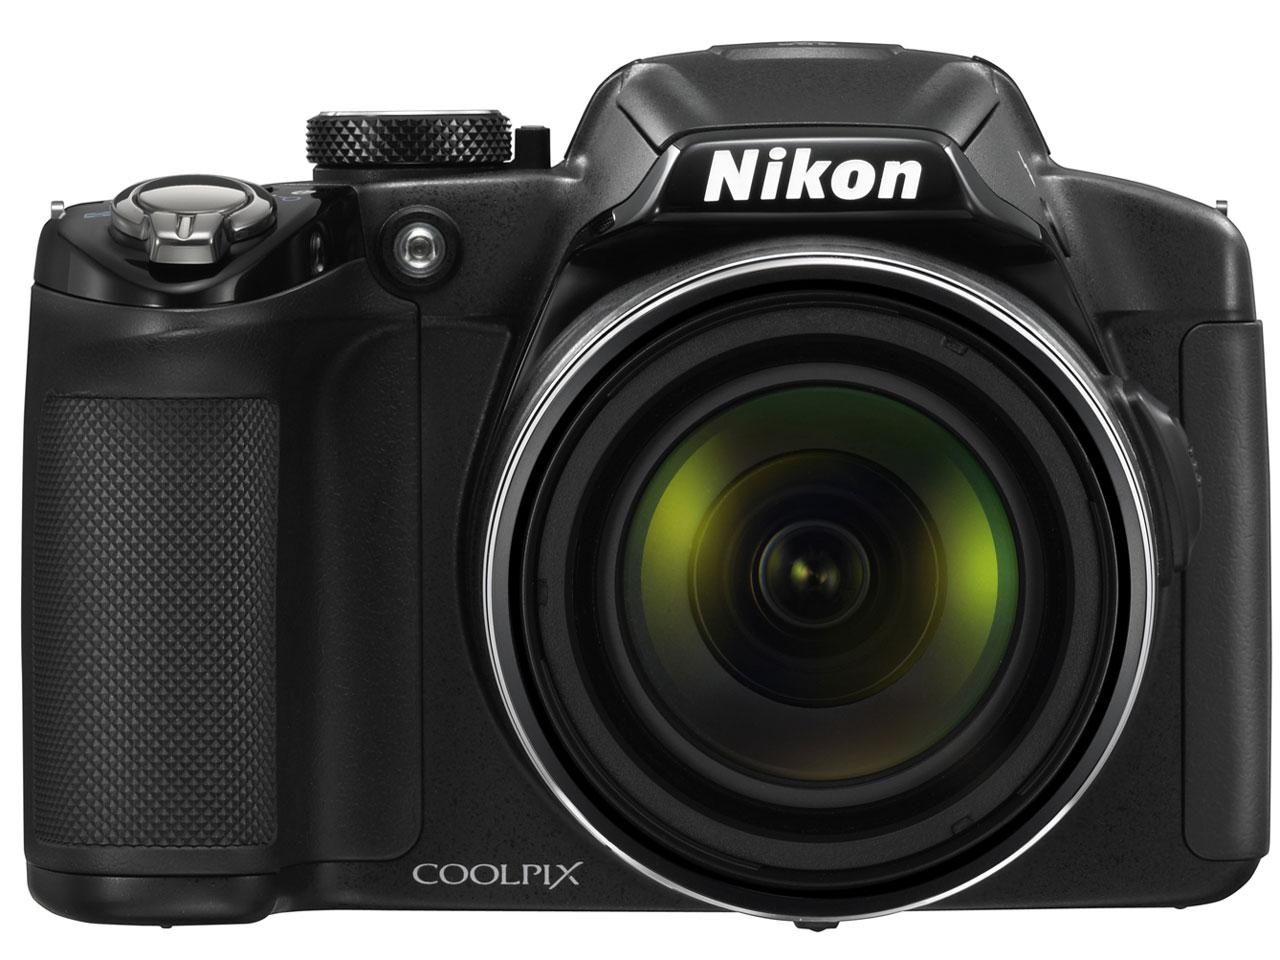 COOLPIX P510 の製品画像